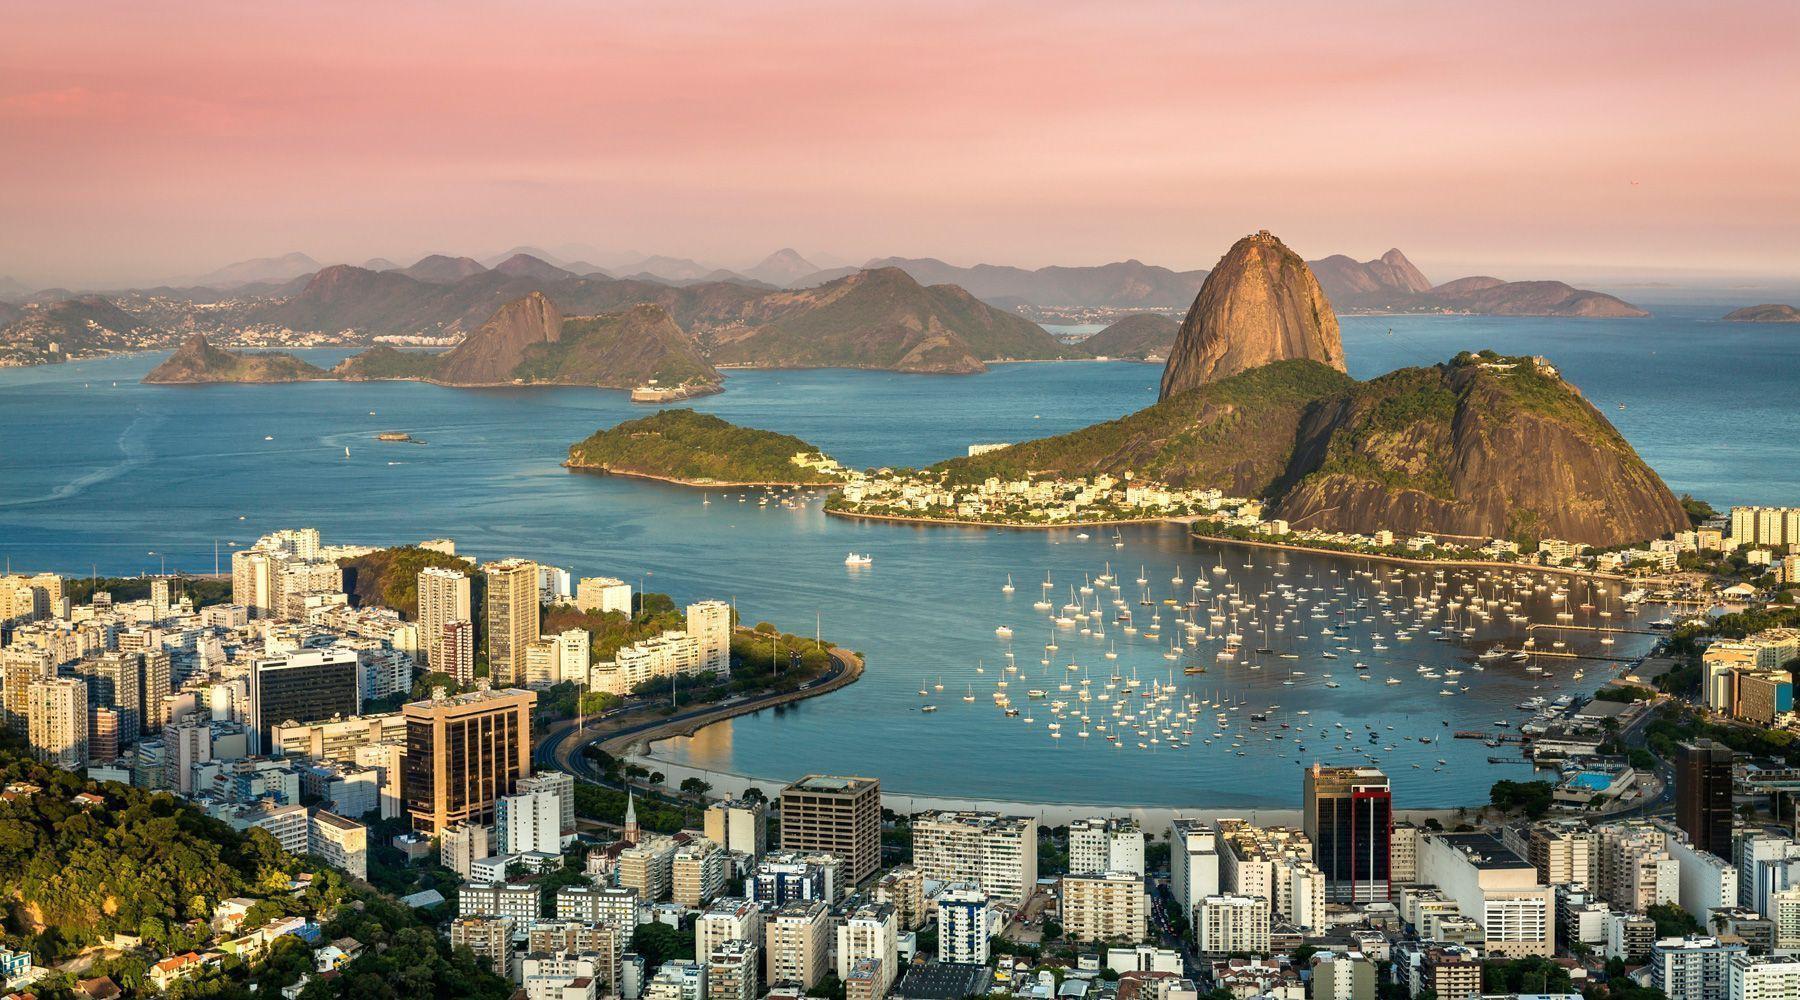 Biến đổi khí hậu, nước biển dâng lên, và đây là những thành phố chịu khổ nhất thế giới - Ảnh 4.